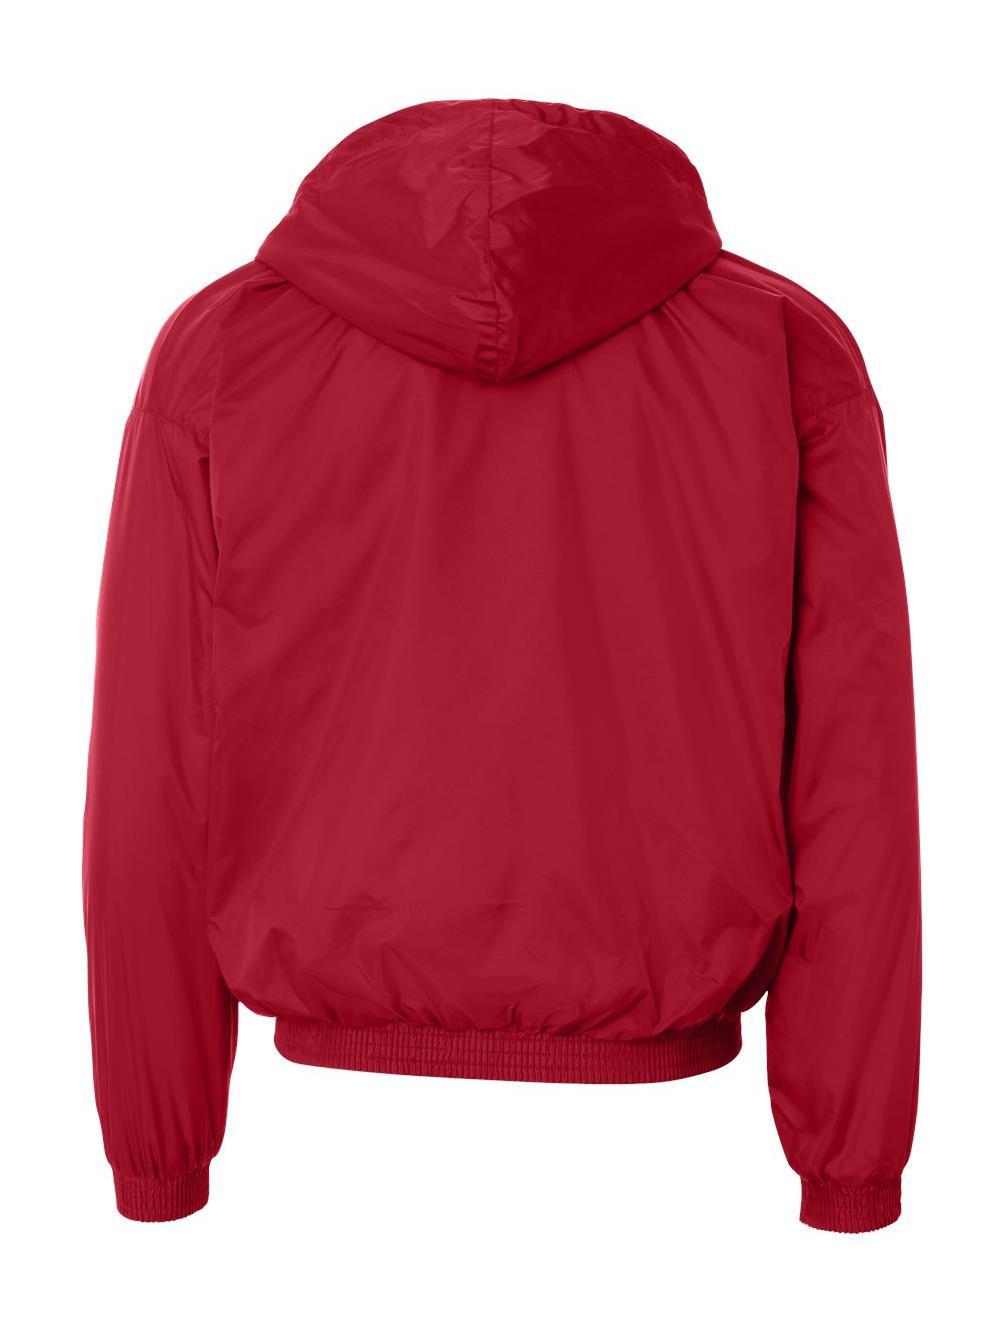 22e124c46 3280 Augusta Sportswear Outerwear Hooded Fleece Lined Jacket